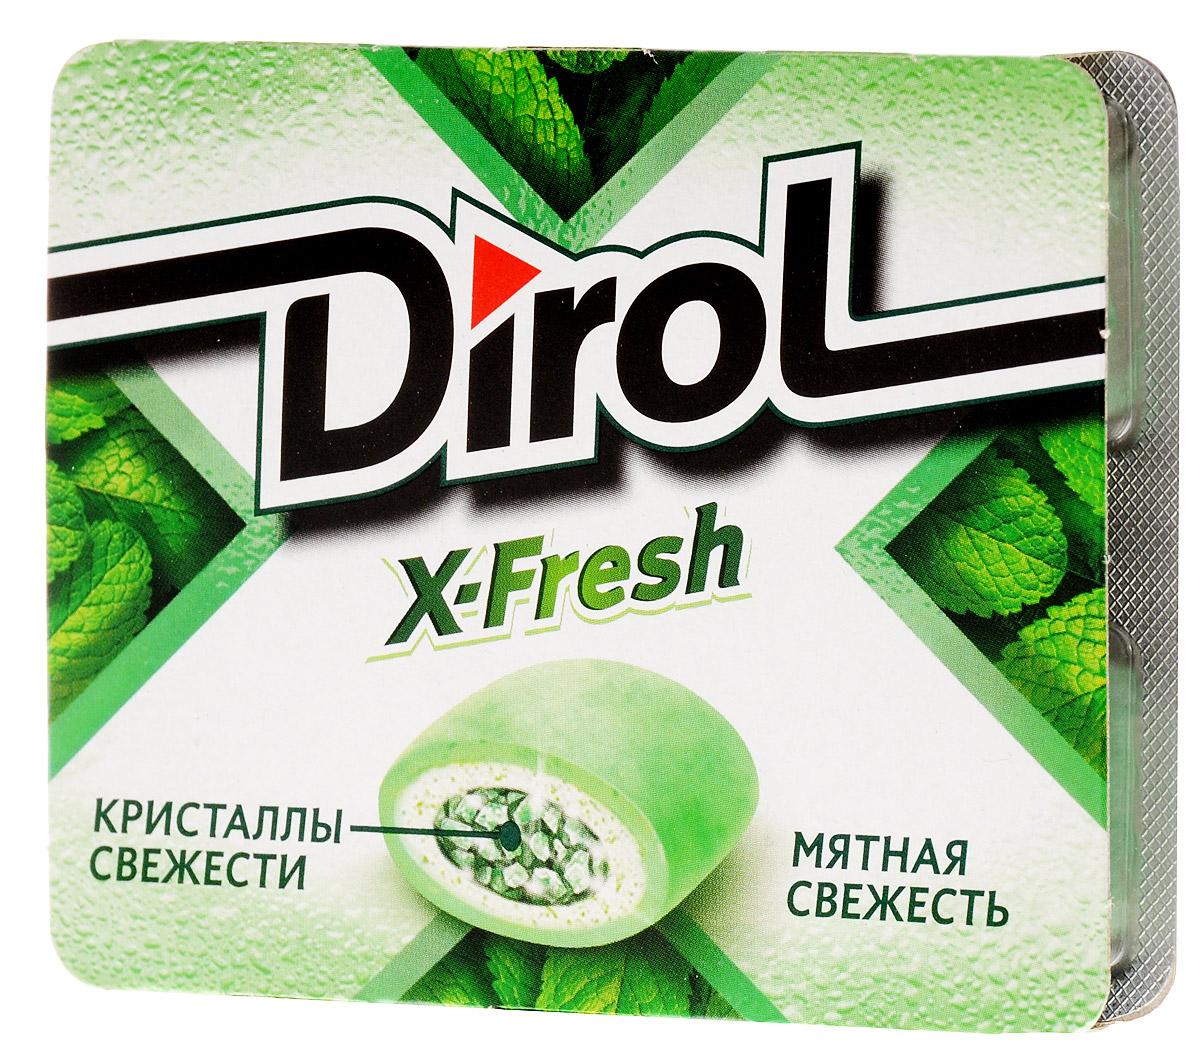 Dirol X-Fresh Мятная свежесть жевательная резинка без сахара, 16 г4021328Dirol X-Fresh Мятная свежесть - популярная жевательная резинка. Обладает ярко выраженным долгим вкусом. Общеизвестно, что древние греки использовали смолу мастичного дерева или пчелиный воск, чтобы освежить дыхание и очистить зубы от остатков еды. Племена Майя наслаждались жеванием каучука. На севере Америки индейцы наслаждались подобием жевательной резинки - смолы хвойных деревьев, предварительно выпаренной на костре. В Сибири пользовалась популярностью сибирская смолка, с её помощью чистили зубы и укрепляли десны. В Европе зарождение жевательной культуры обозначено в 16 веке благодаря завезенному из Вест-Индии табаку. Затем жвачка появилась в Соединенных Штатах. Вплоть до 19 века попытки внедрить воск, парафин вместо жевательного табака терпели крах.